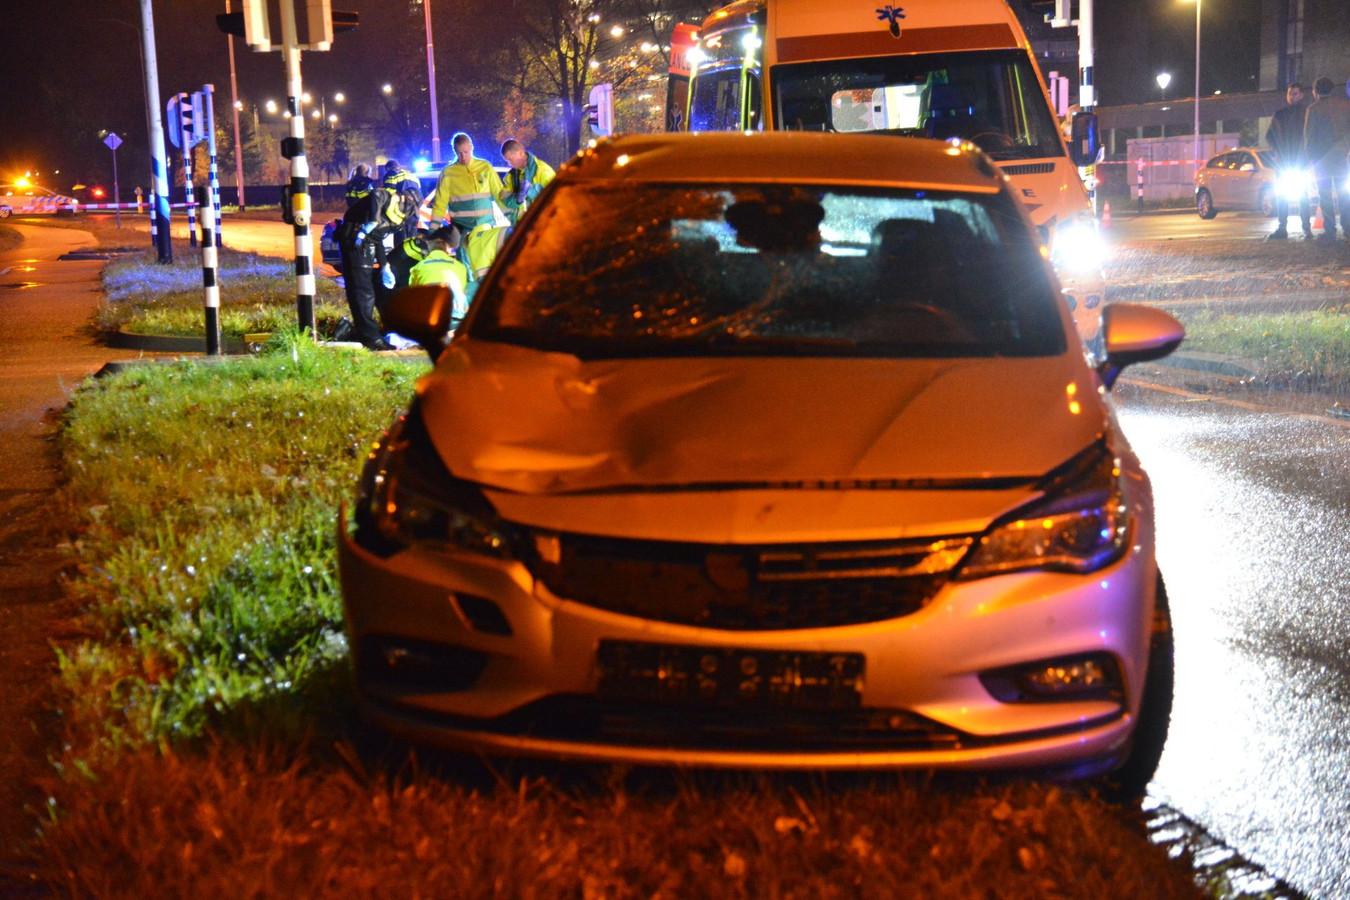 De fatale aanrijding had plaats op 30 oktober 2018, omstreeks 05.30 uur.